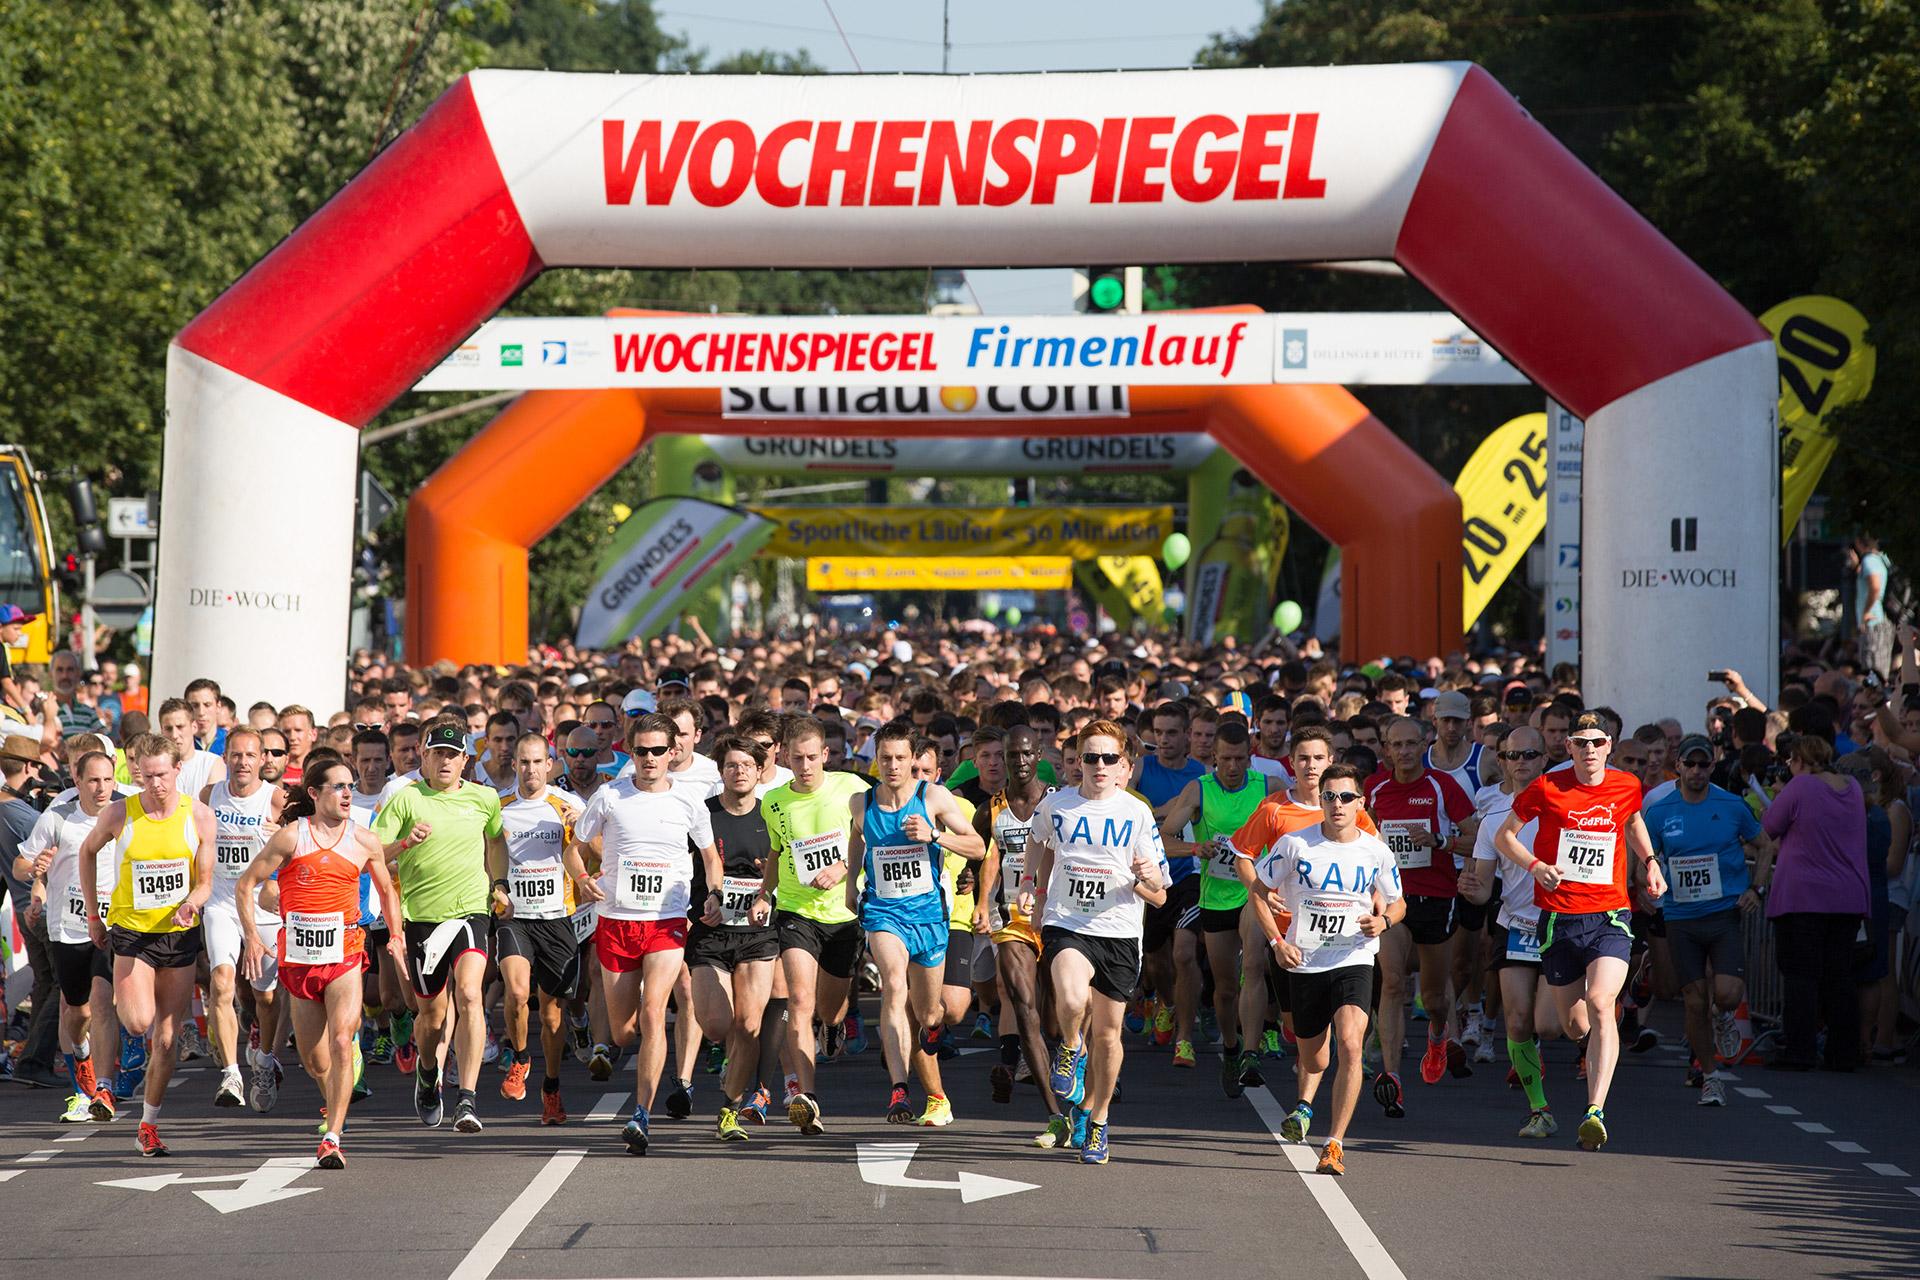 Bauhaus firmenlauf mannheim n plus sport gmbh - Wochenspiegel bilder ...